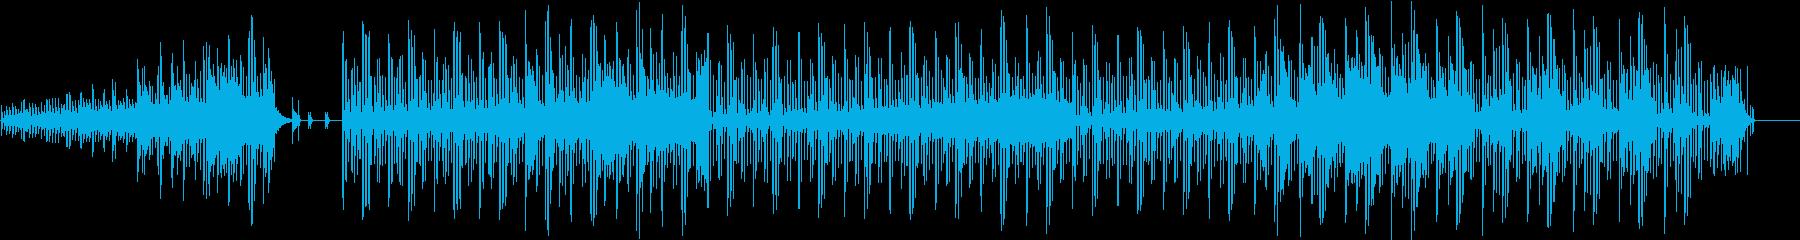 切なく儚い人生〜限りある時間〜【R&B】の再生済みの波形